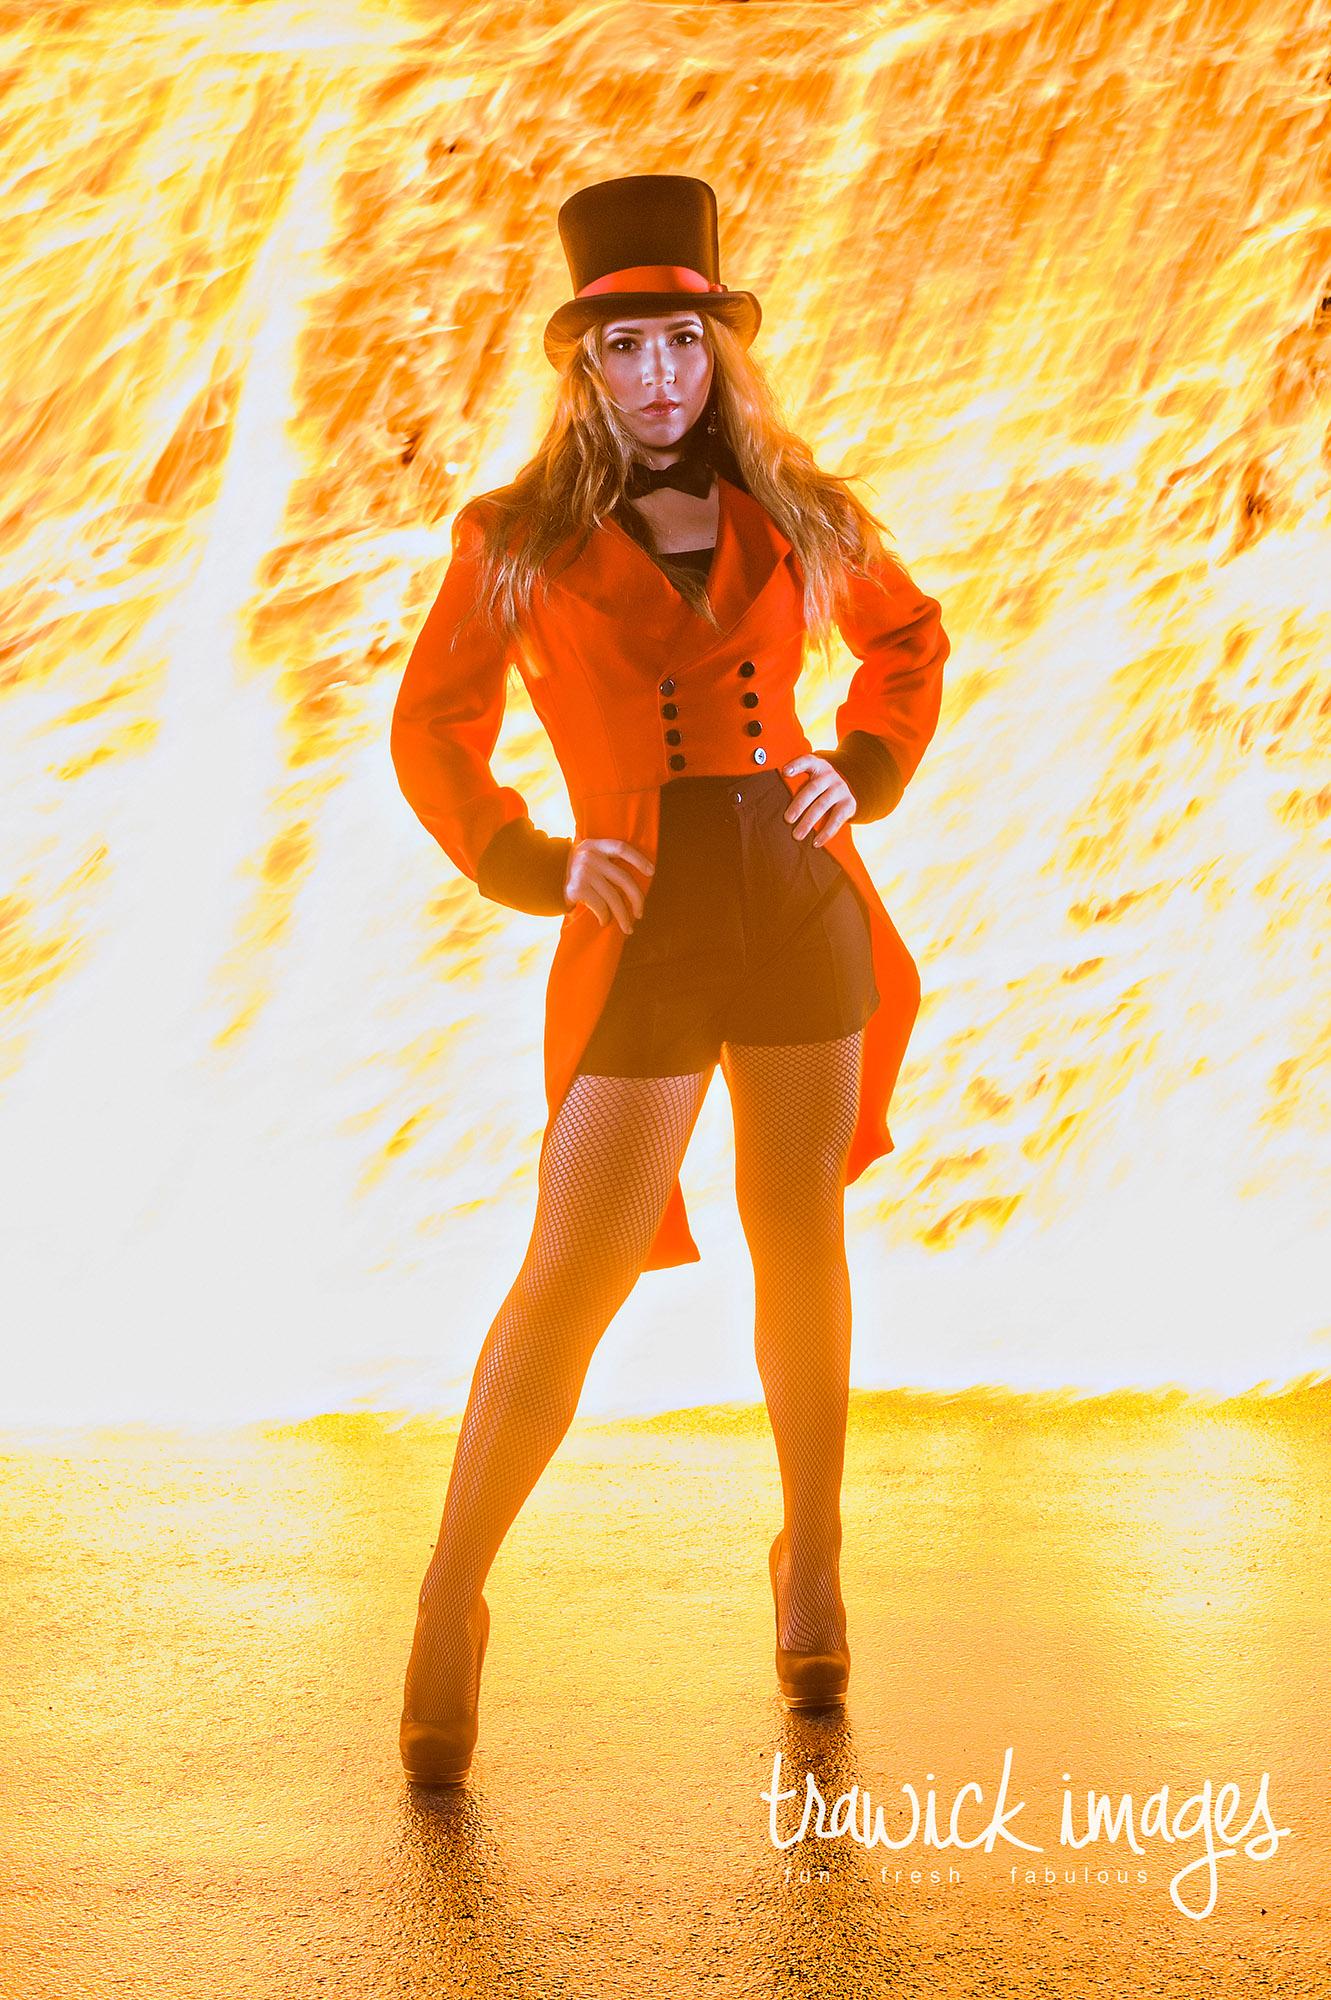 Avery-Fire-Dallas-006.jpg